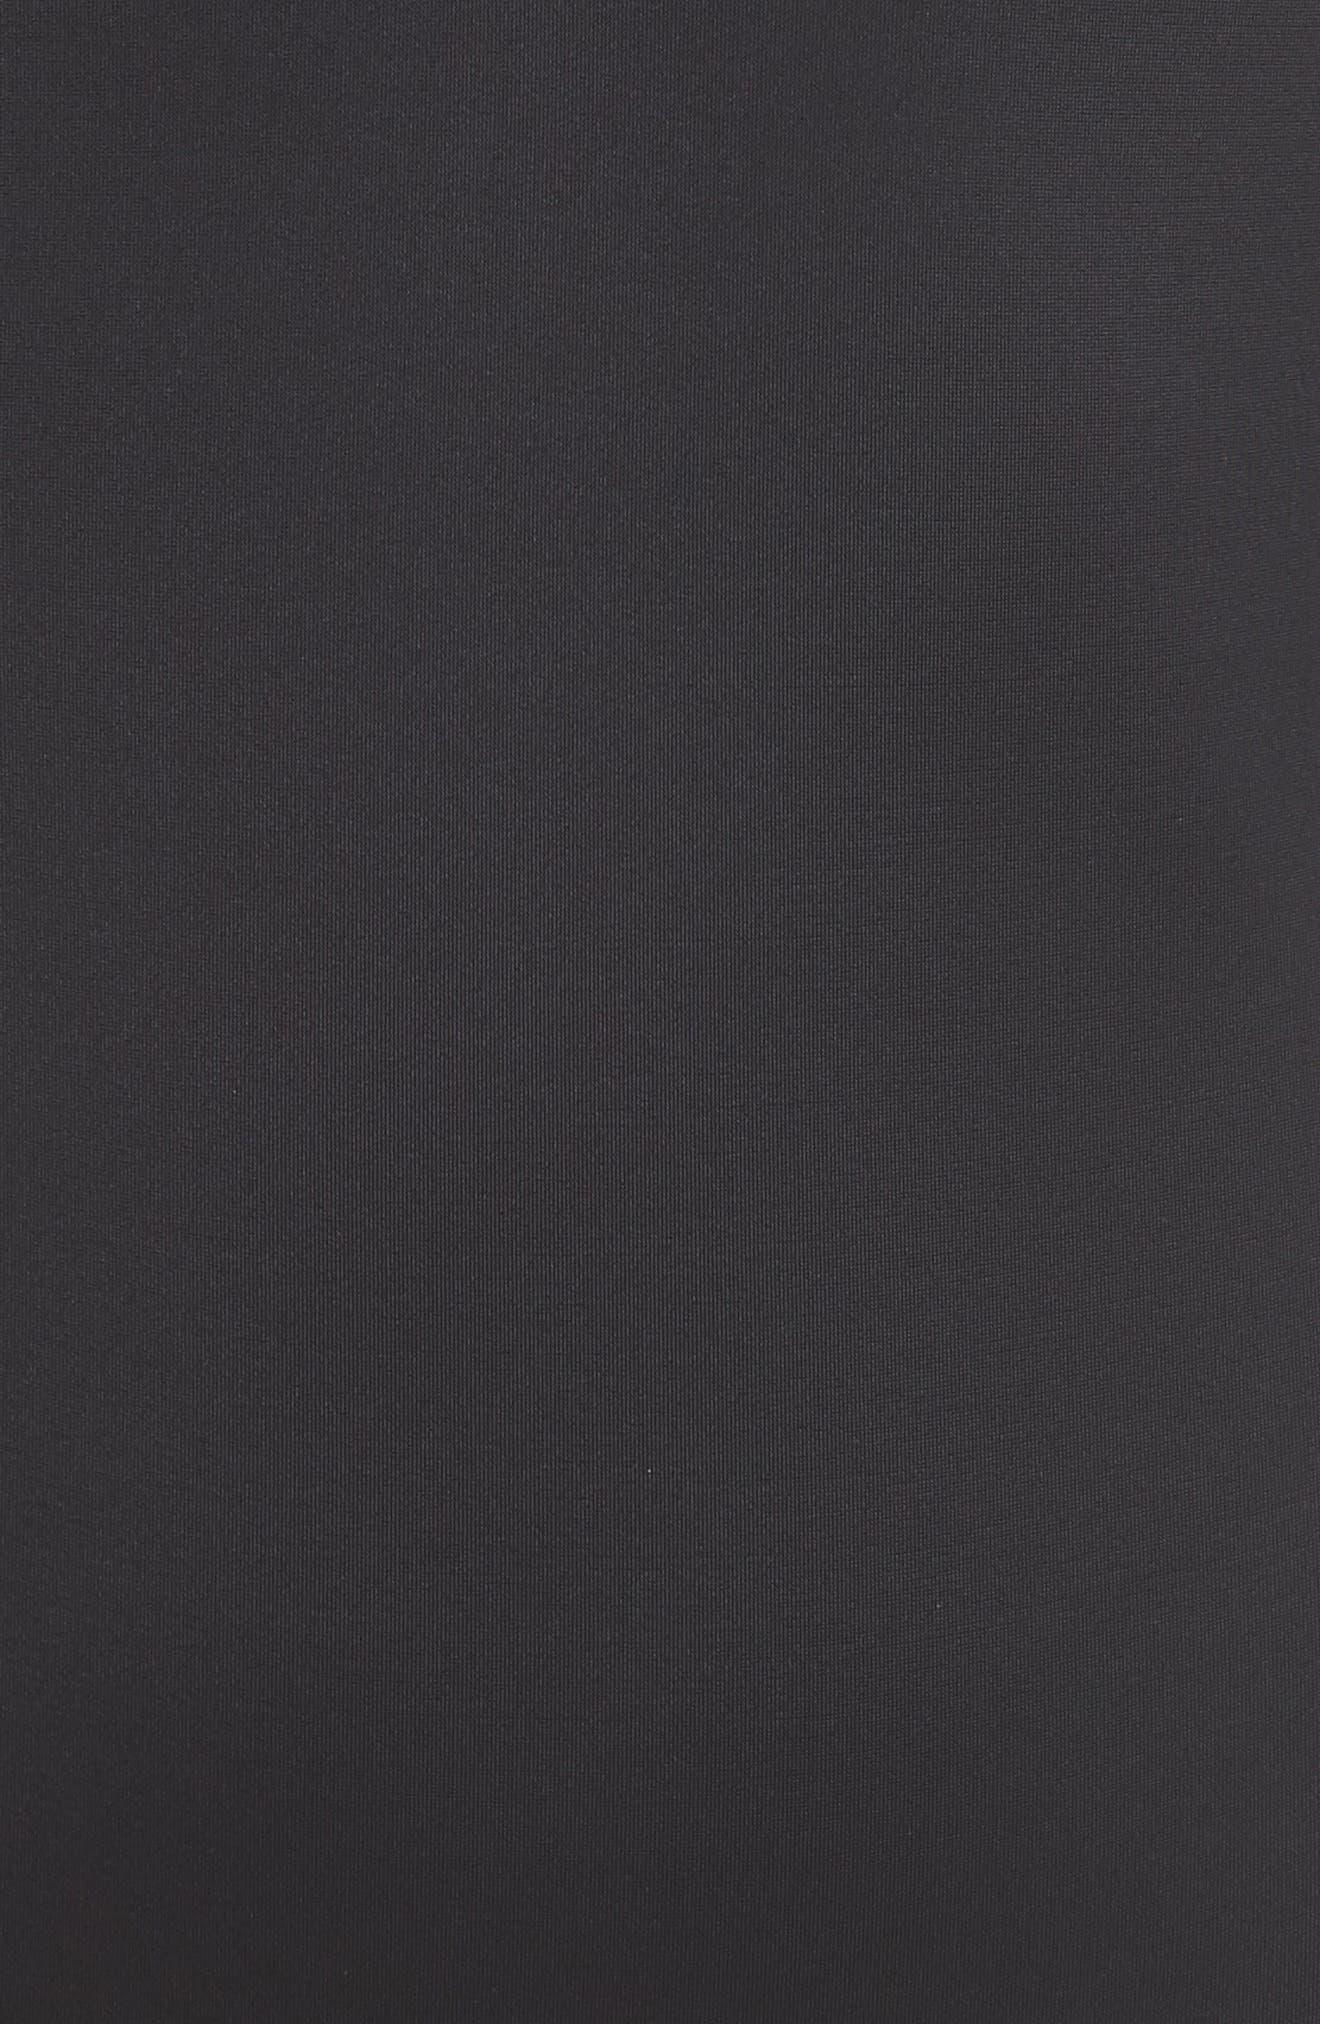 Zoe One-Piece Swimsuit,                             Alternate thumbnail 5, color,                             BLACK